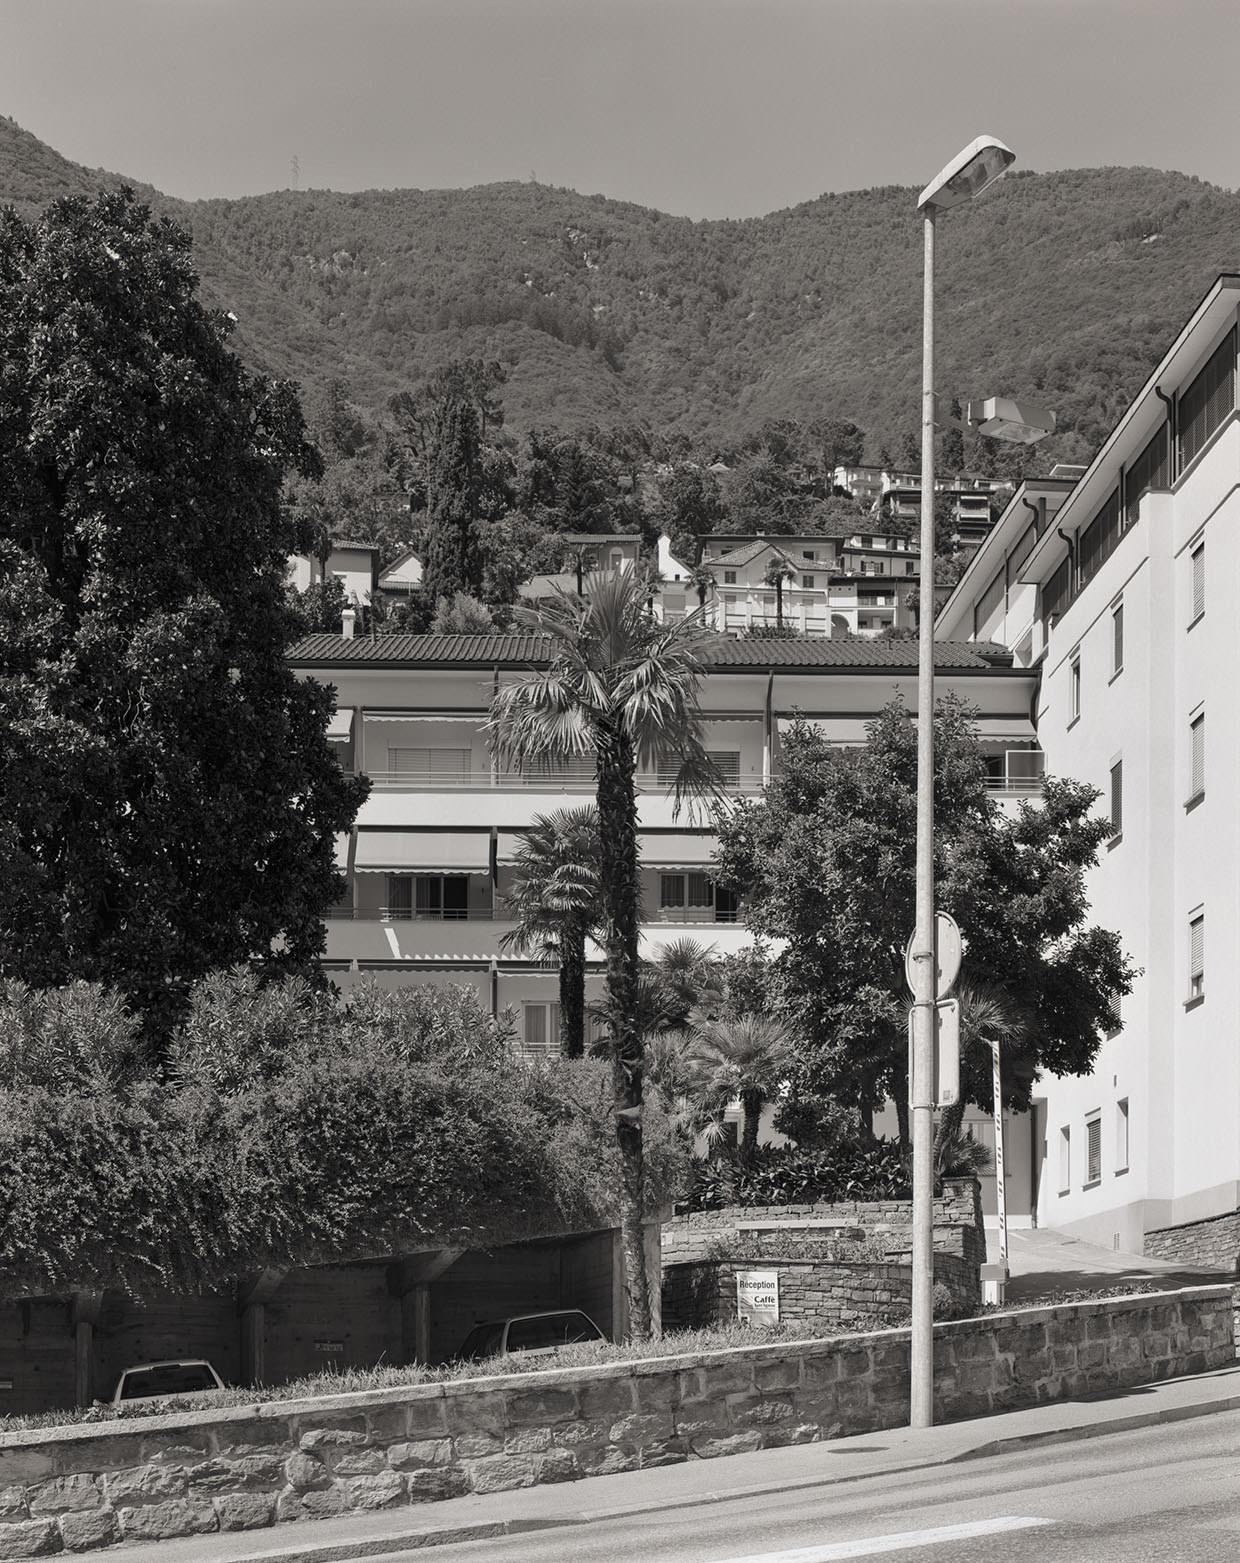 Abb. 16  Klinik S. Agnese, Locarno-Muralto, aus Südwesten , 2005, Fotograf: Dominique Uldry ©Bern: Dominique Uldry